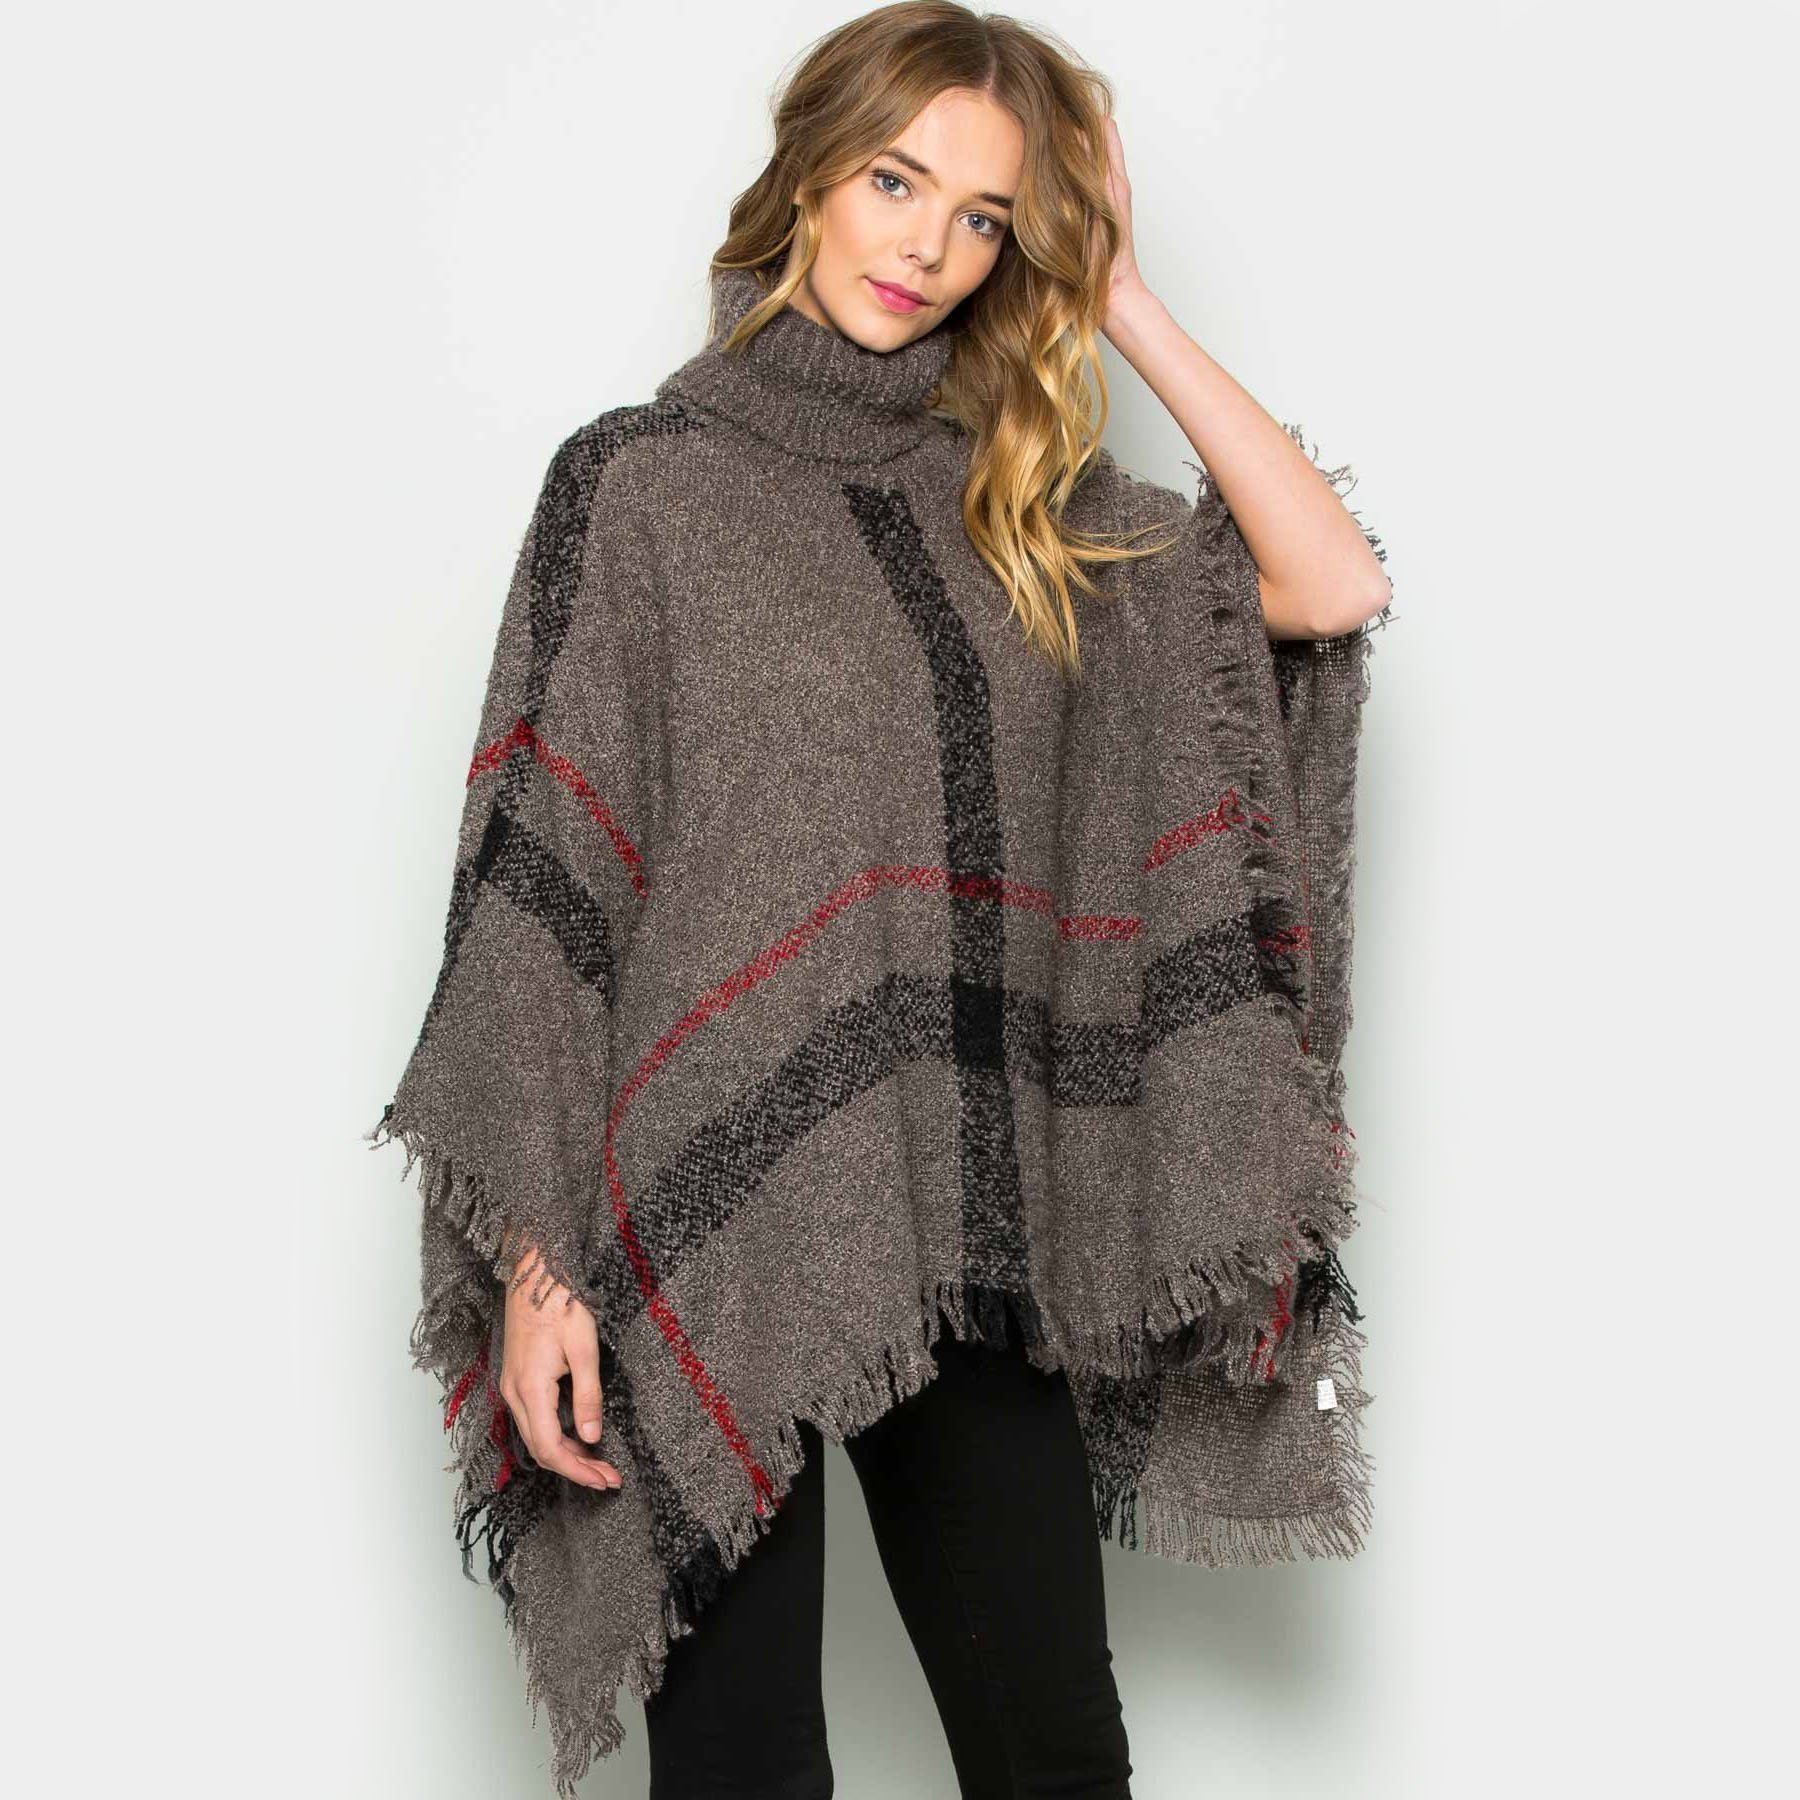 Cozy Poncho Sweater